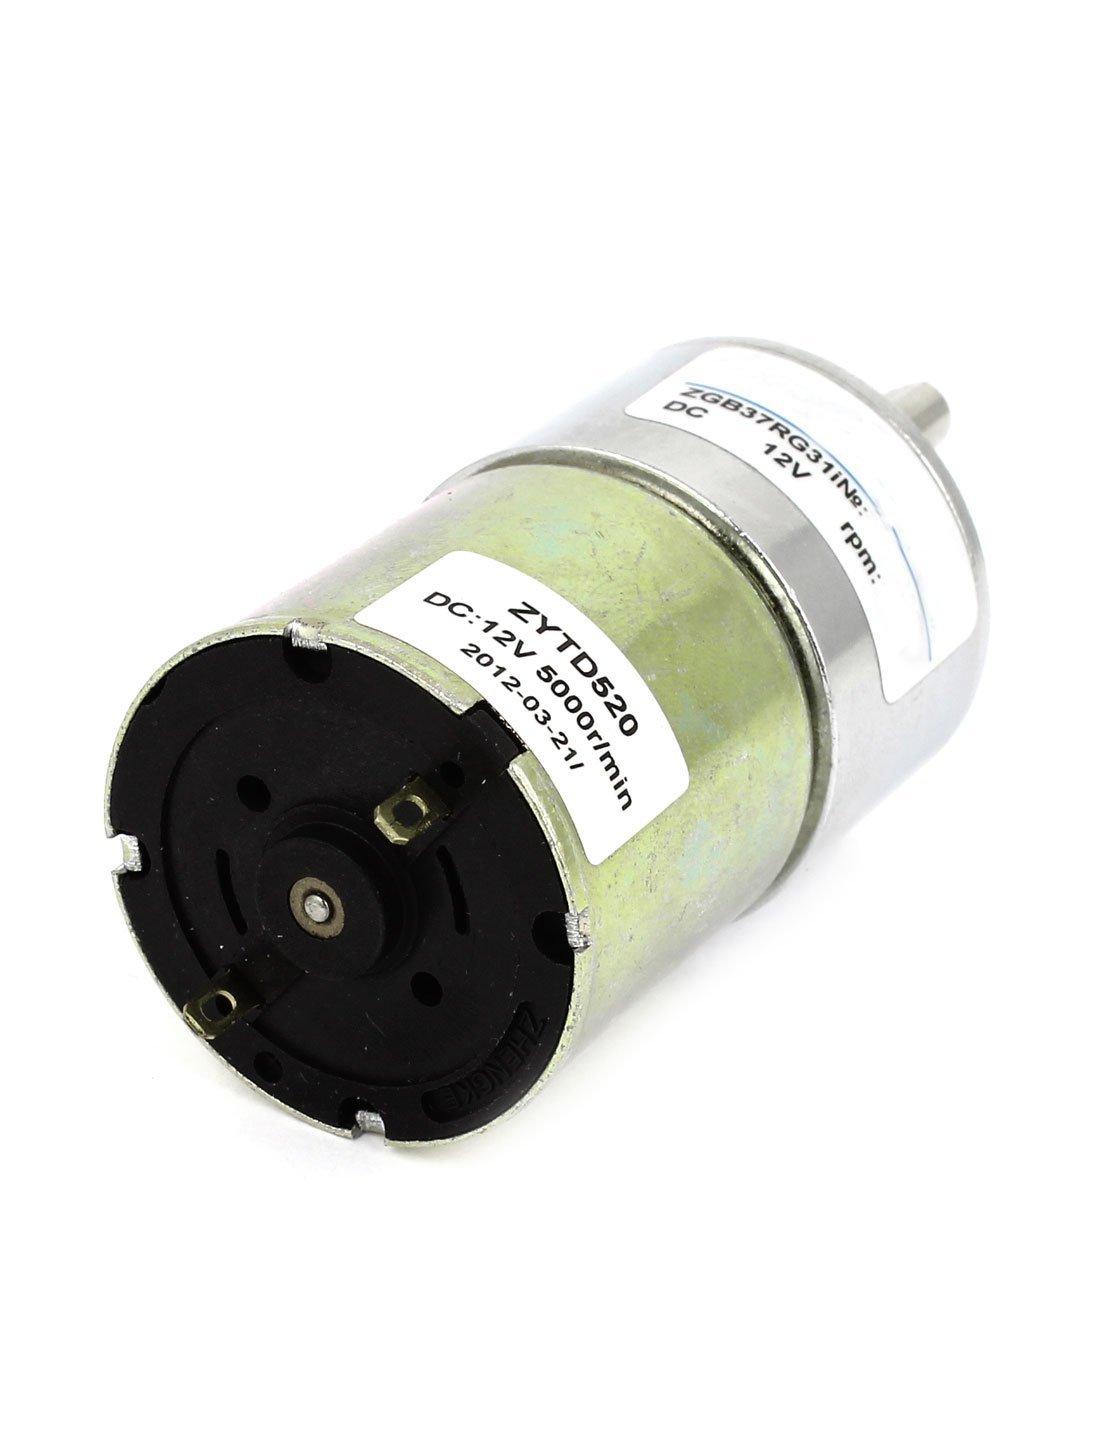 Amazon.com: eDealMax DC12V 5000 RPM 150 RPM de Salida rotativo Reductor de velocidad caja de engranajes del Motor: Electronics